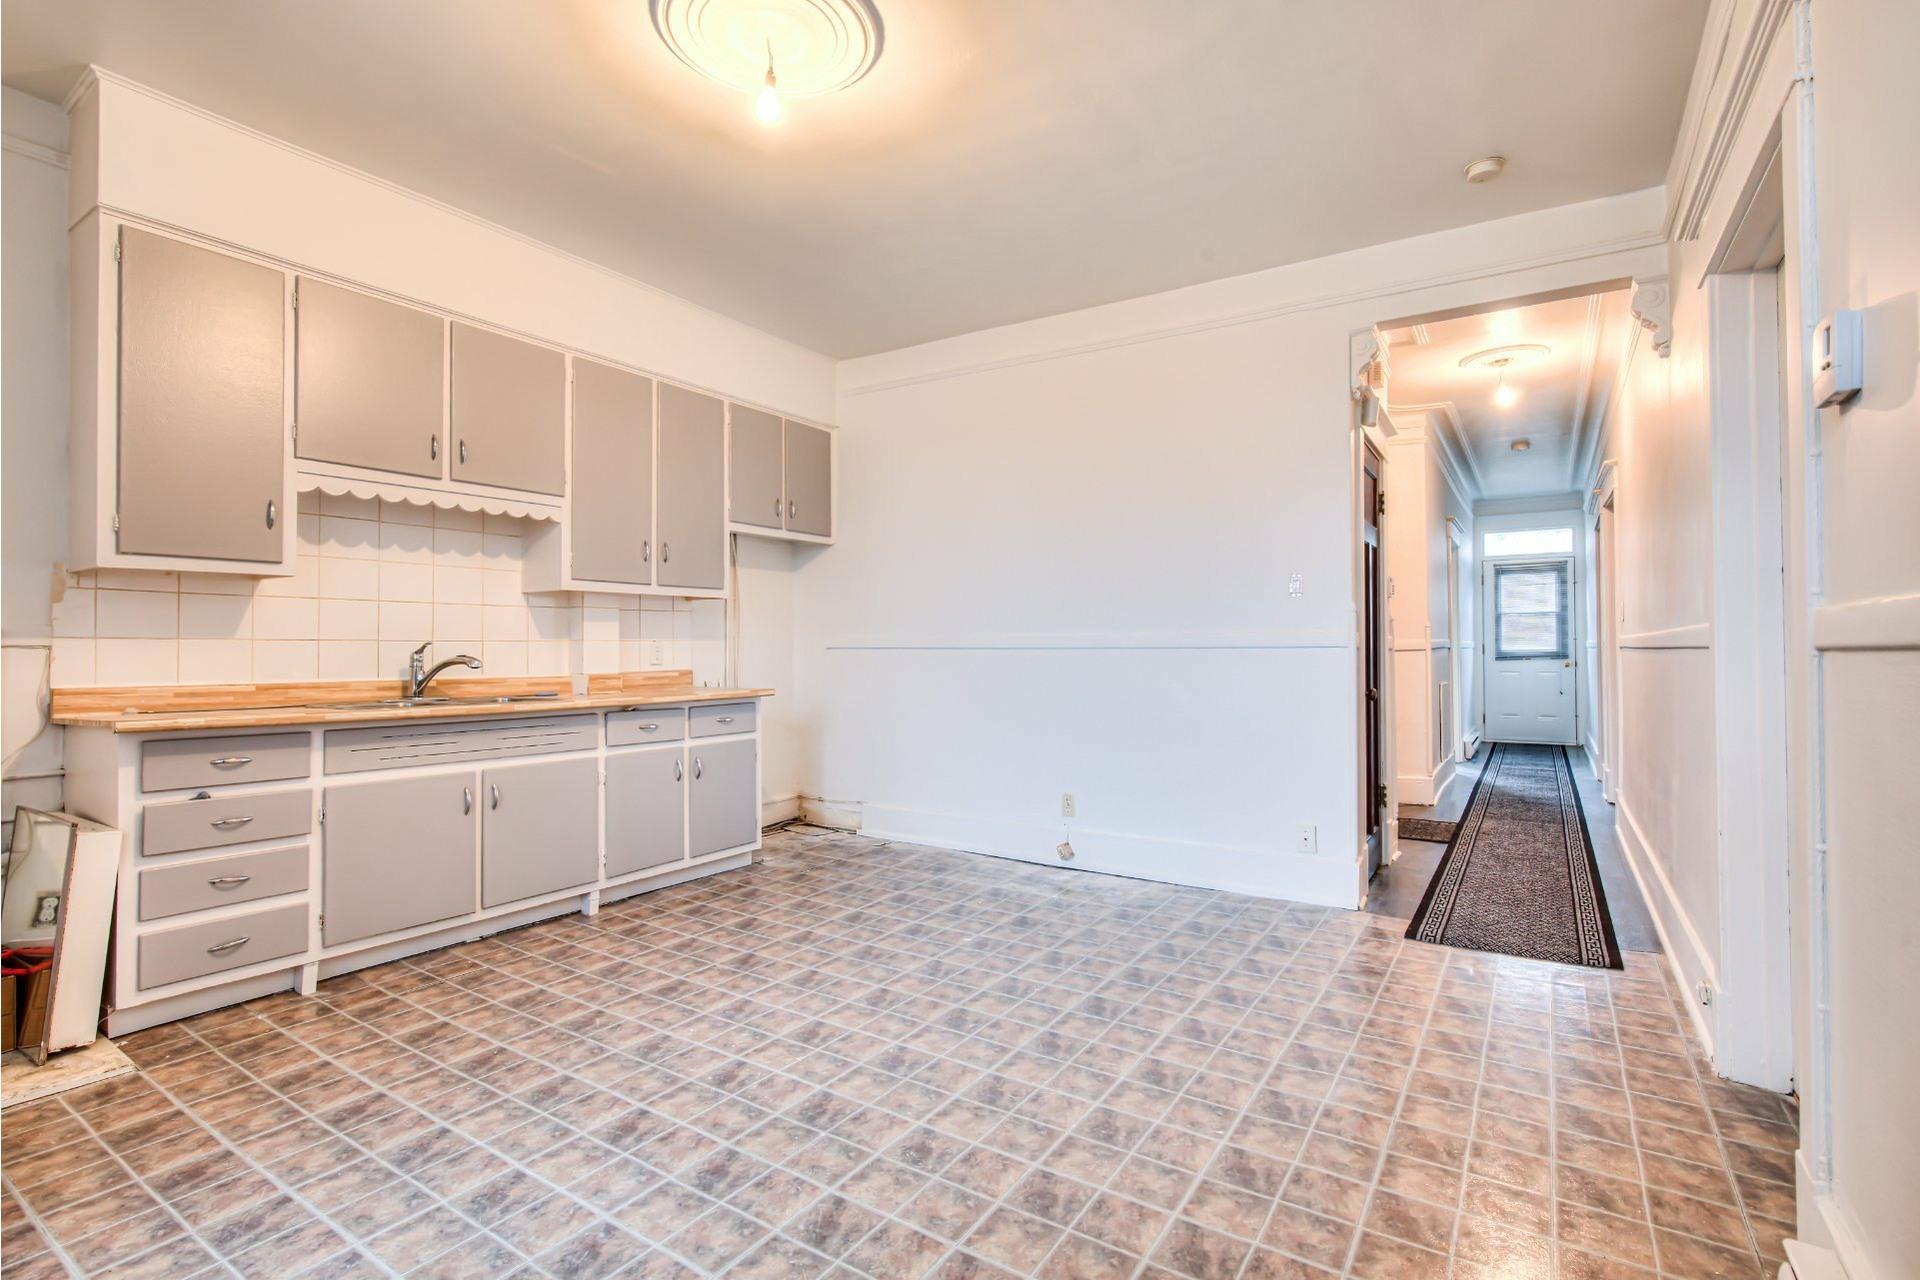 image 19 - Triplex For sale Le Sud-Ouest Montréal  - 4 rooms